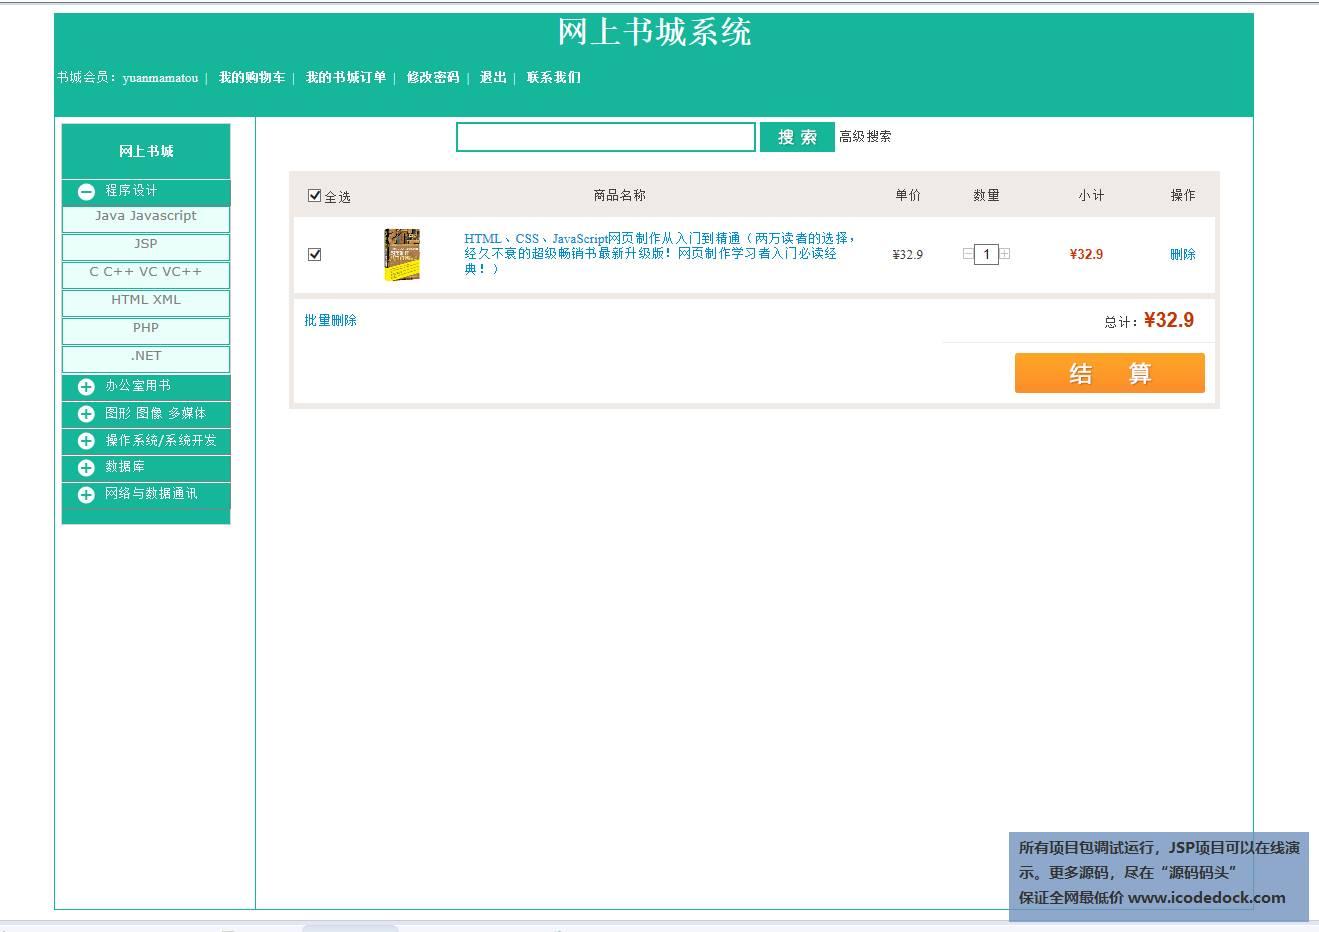 源码码头-JSP图书销售管理系统-用户角色-查看购物车